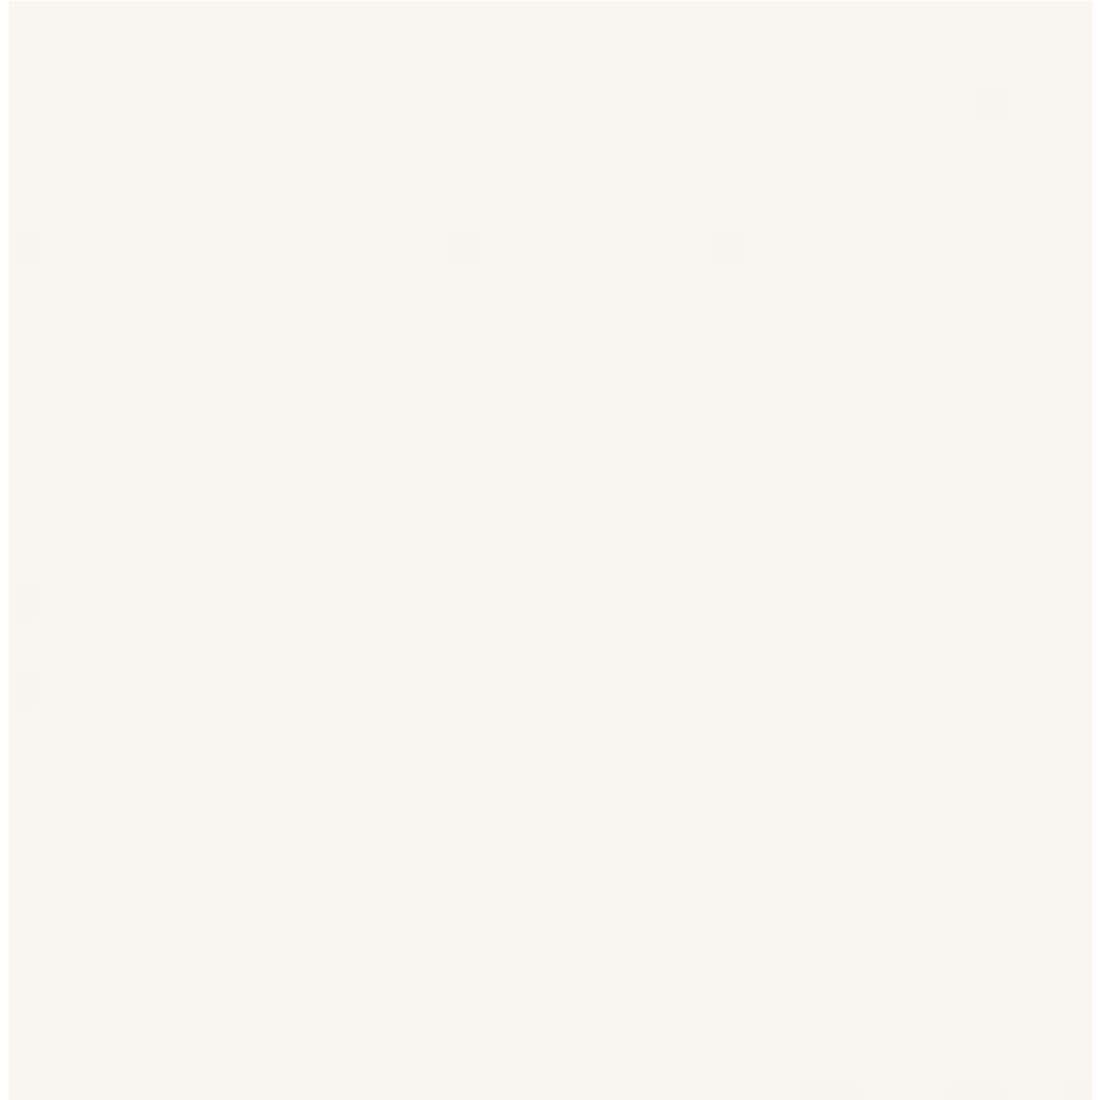 Porcelanato Tecnogres 58 x 58 Branco Brilhante Ref PTG58010R